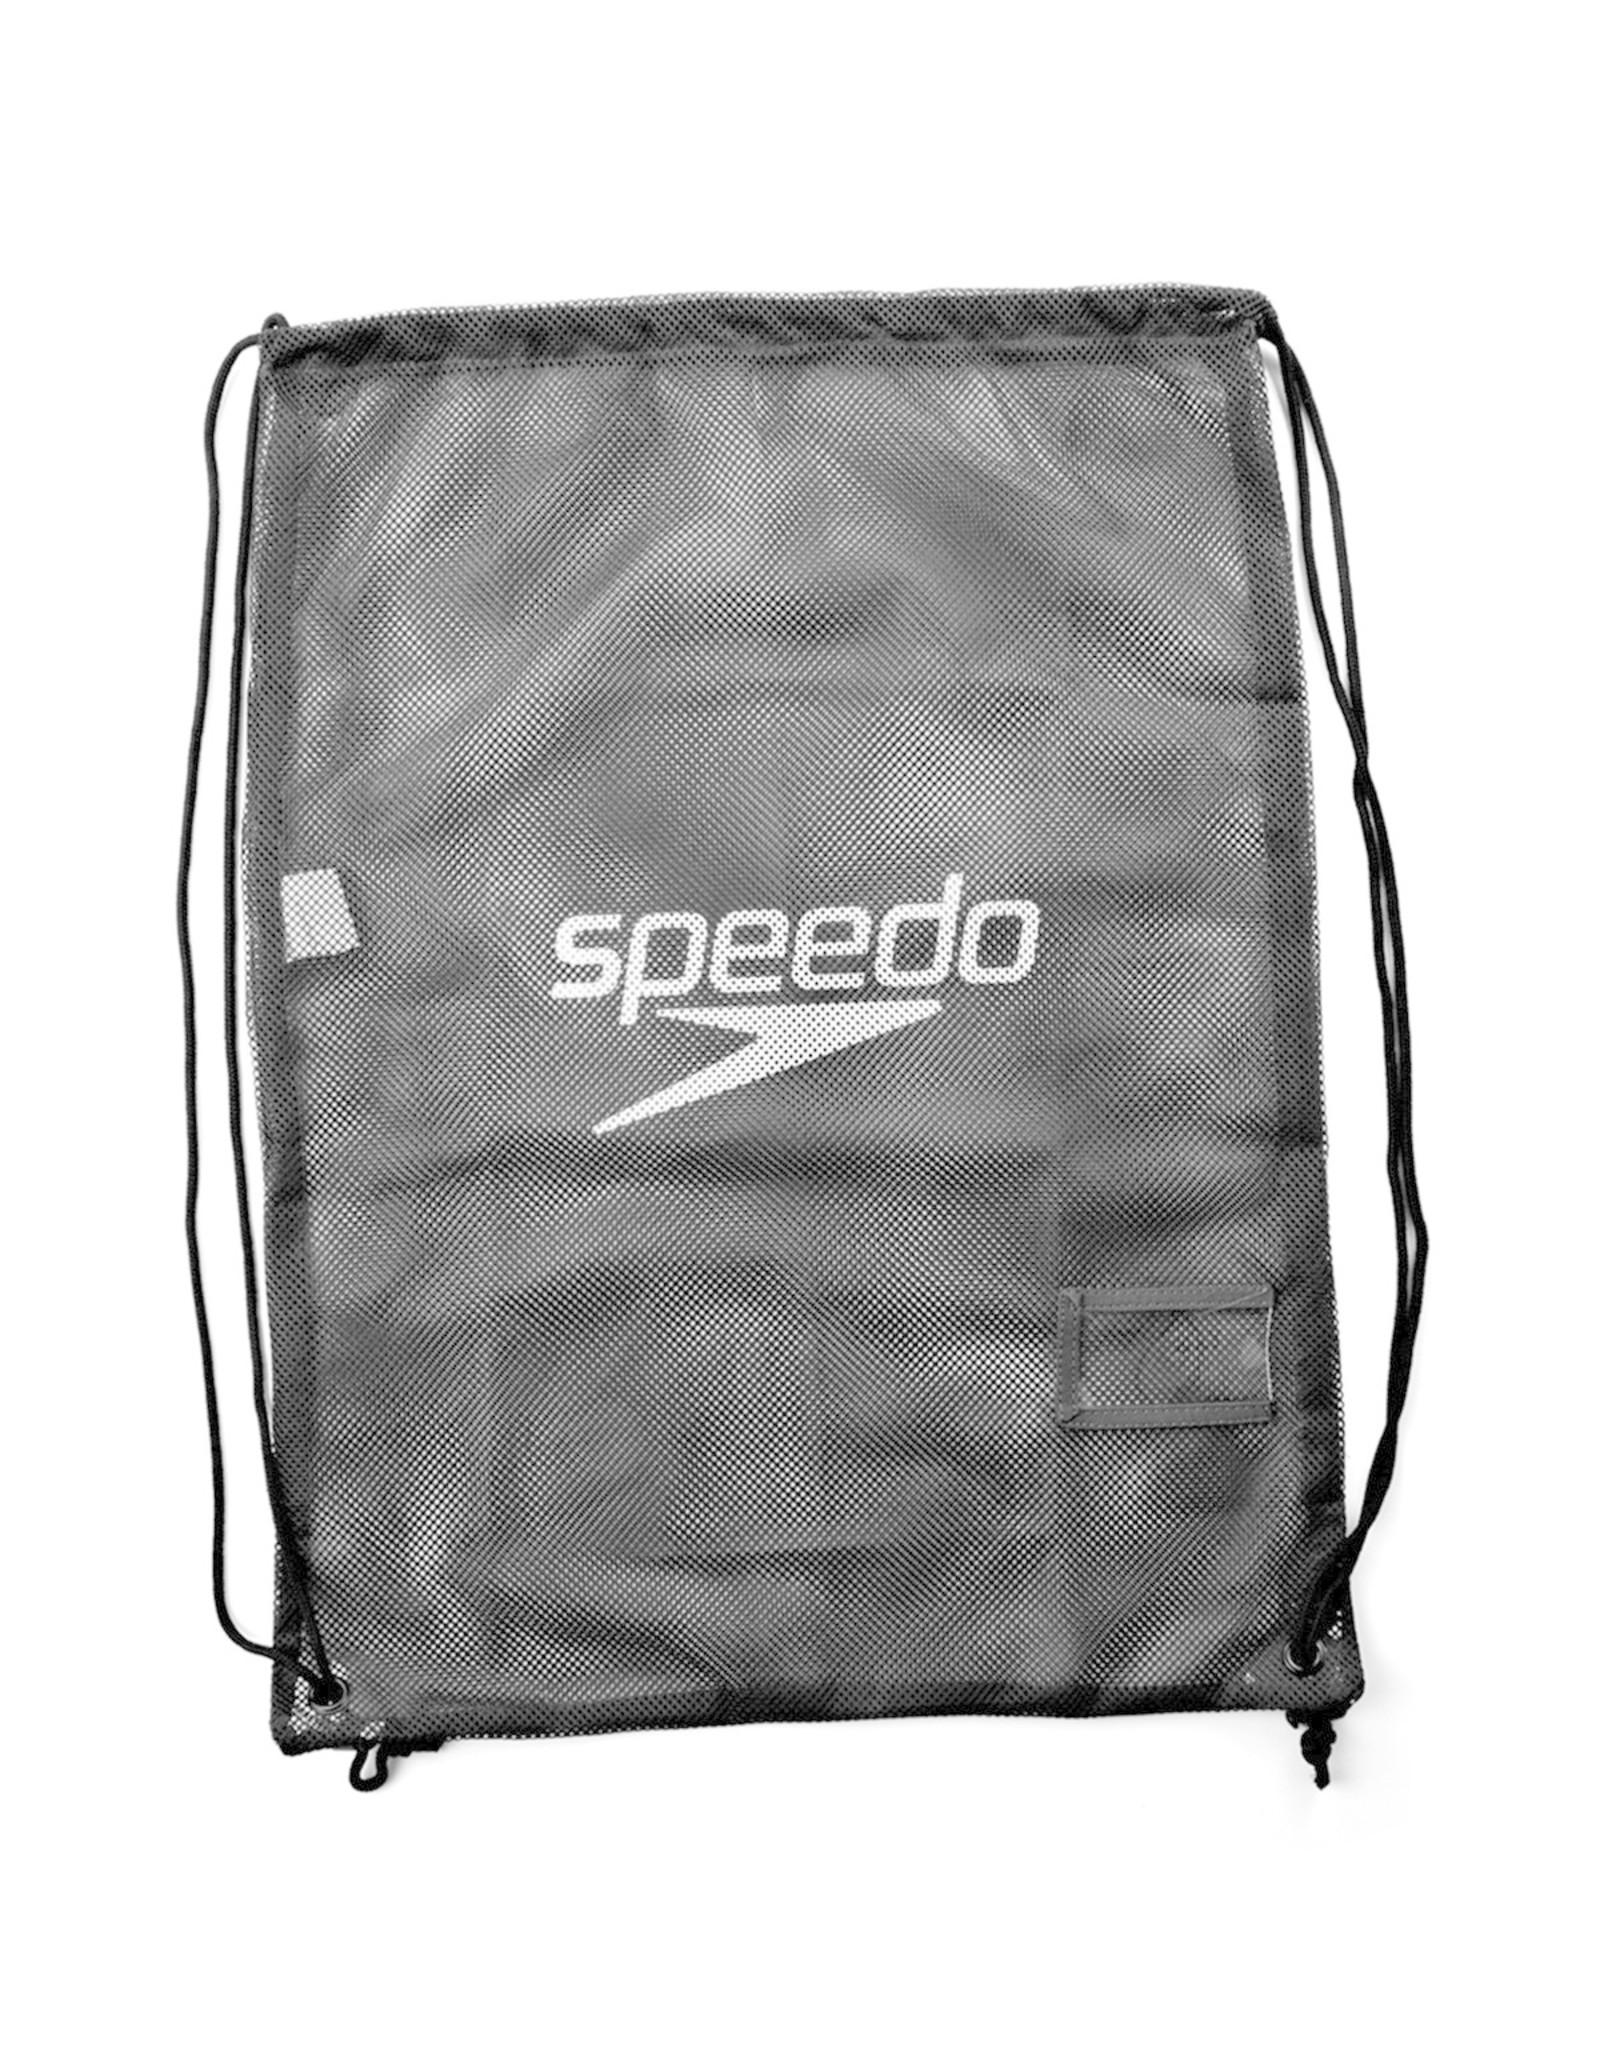 Speedo Equip Mesh Bag Bla P3